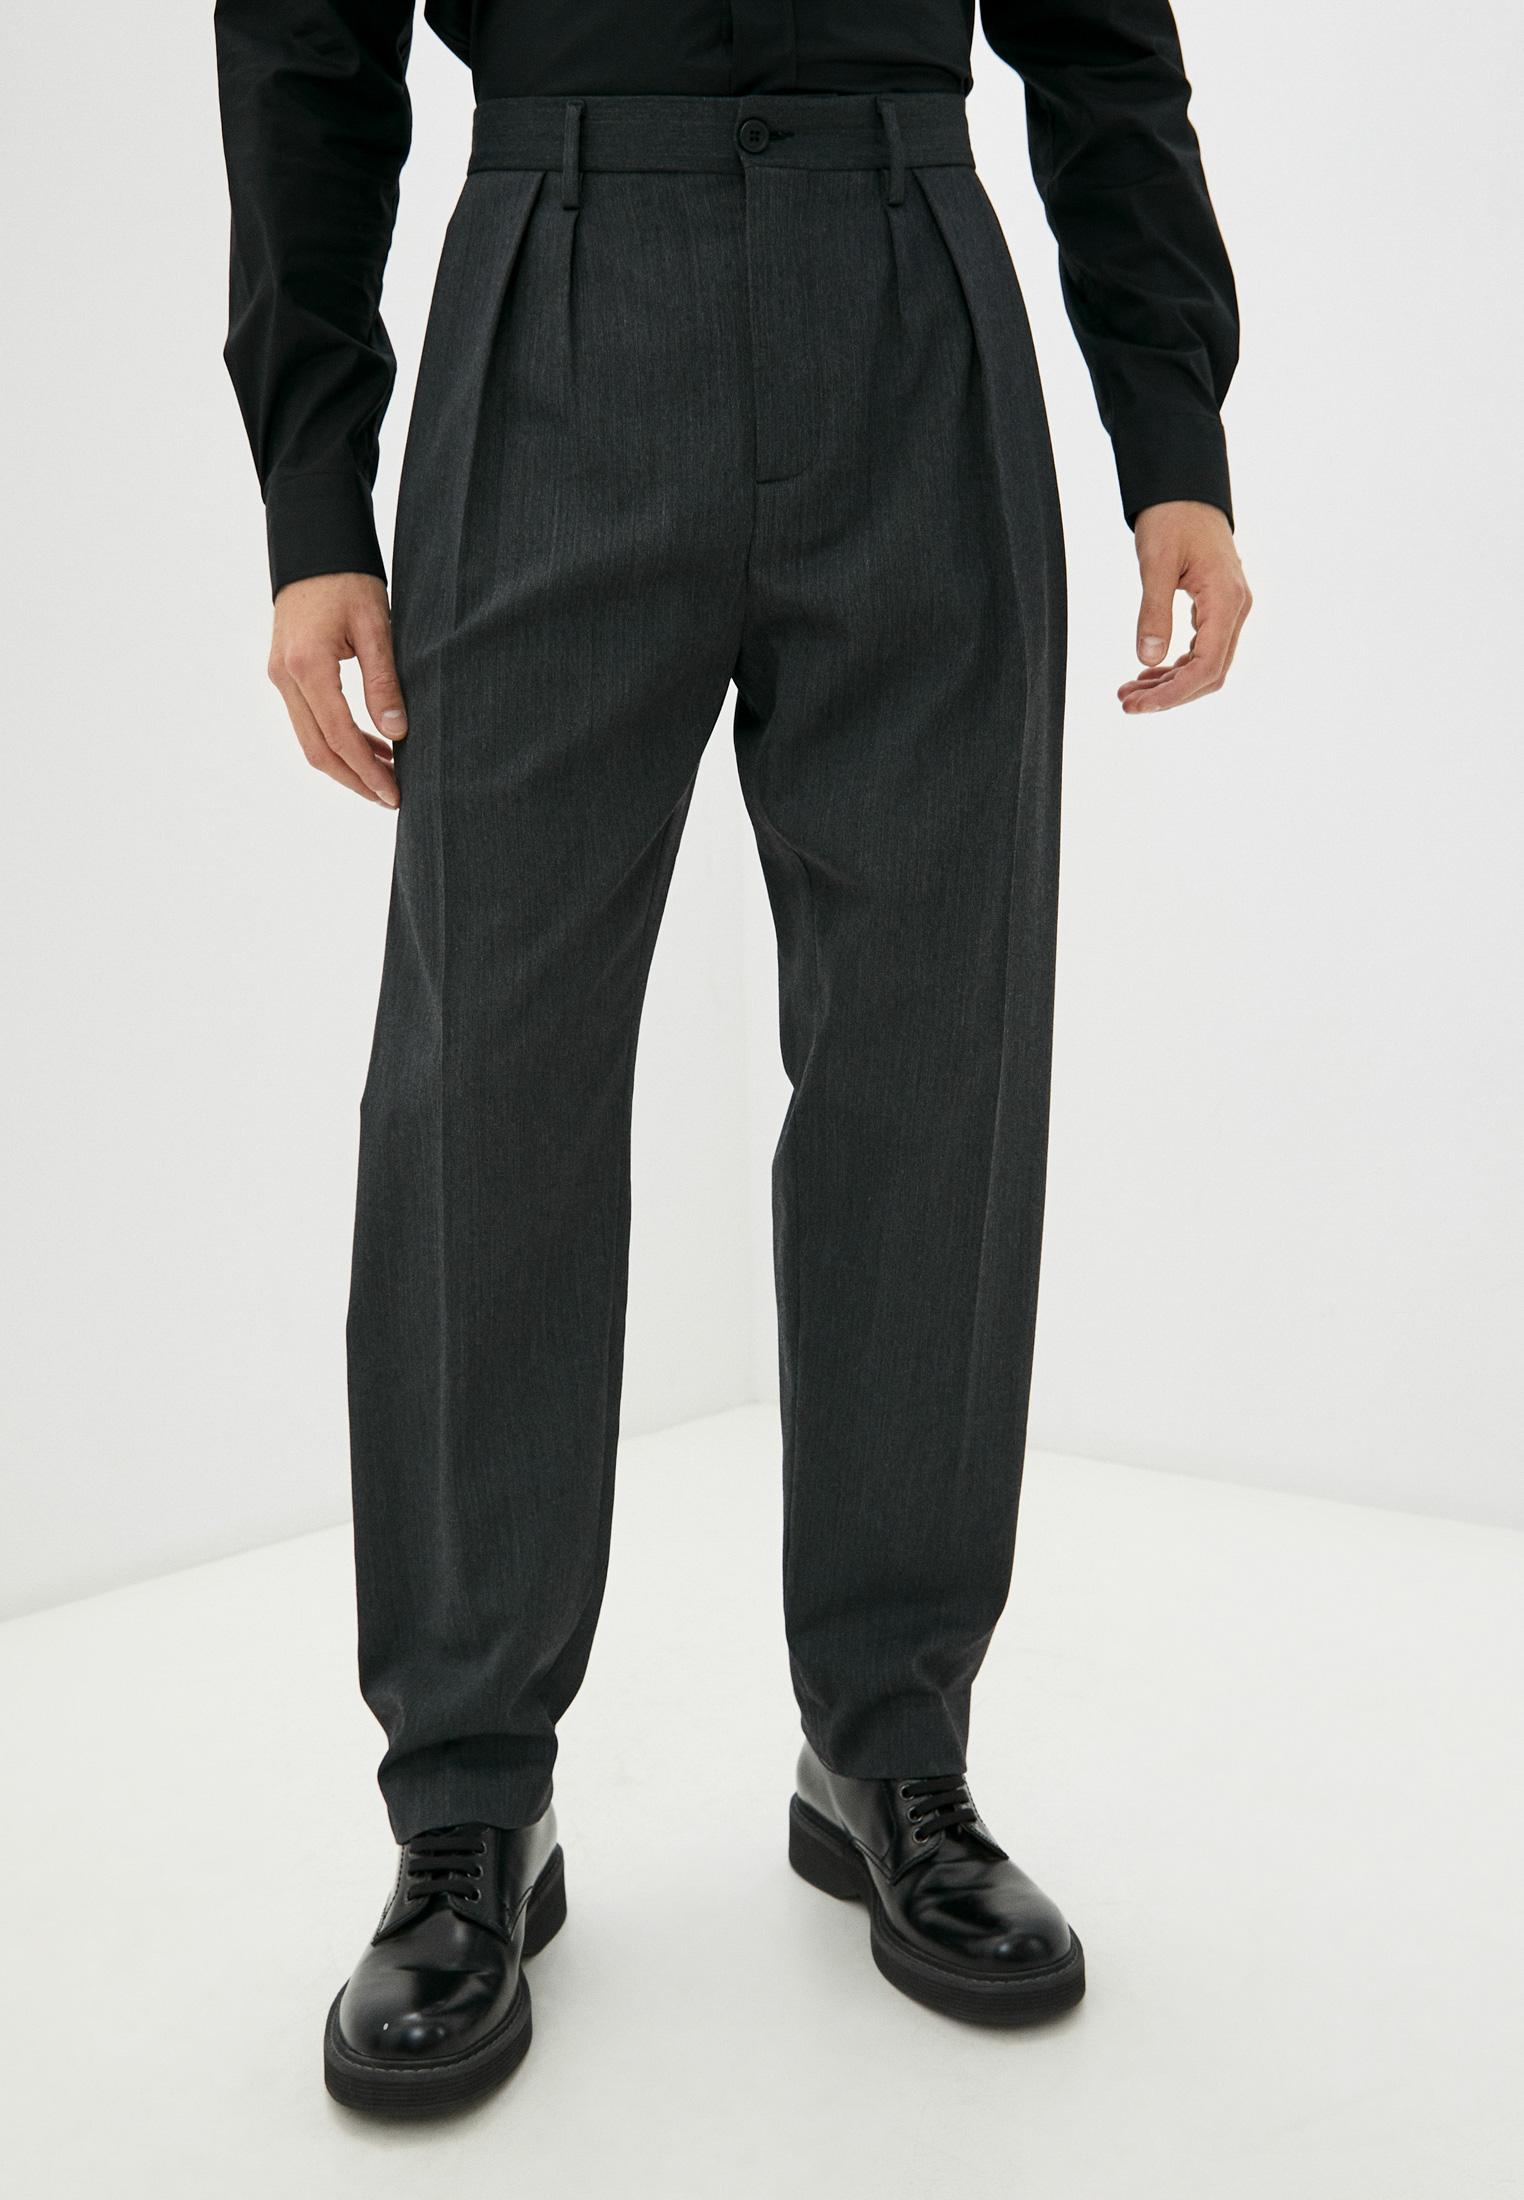 Мужские классические брюки Bikkembergs (Биккембергс) C P 038 00 S 3331: изображение 1